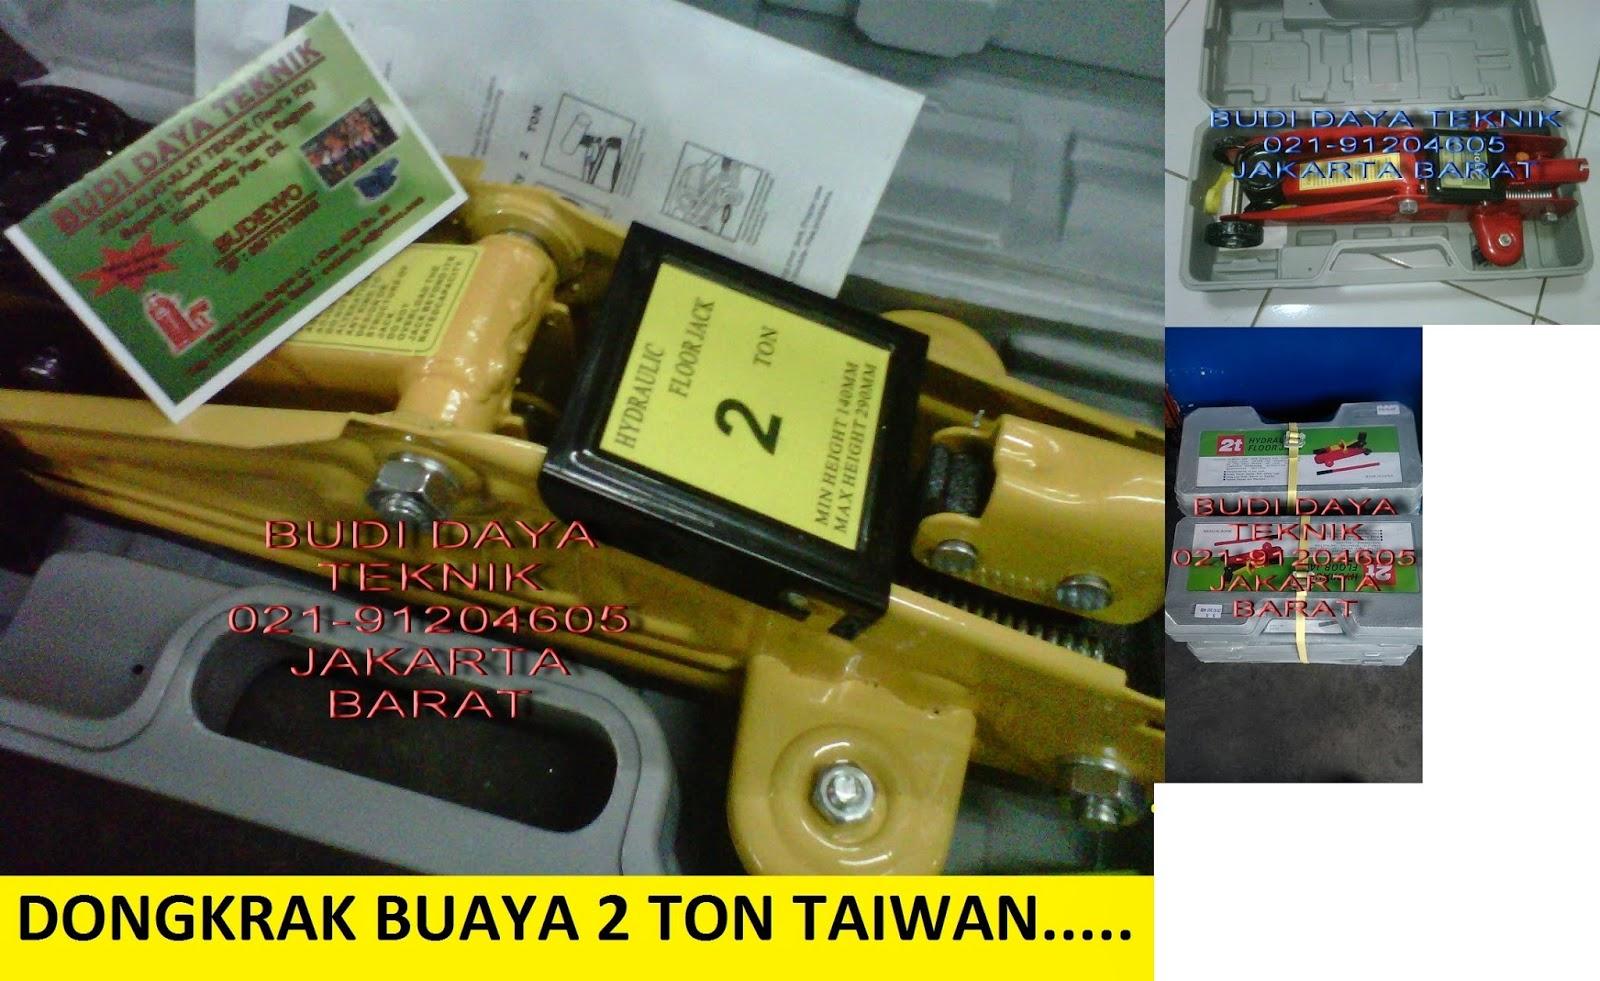 Chain Block Tekel Katrol Dongkrak Kereta Dan Buaya 2 Ton Tekiro Hidrolik Rp300000 3 Made In Taiwan Rp1255000 Rp1250000